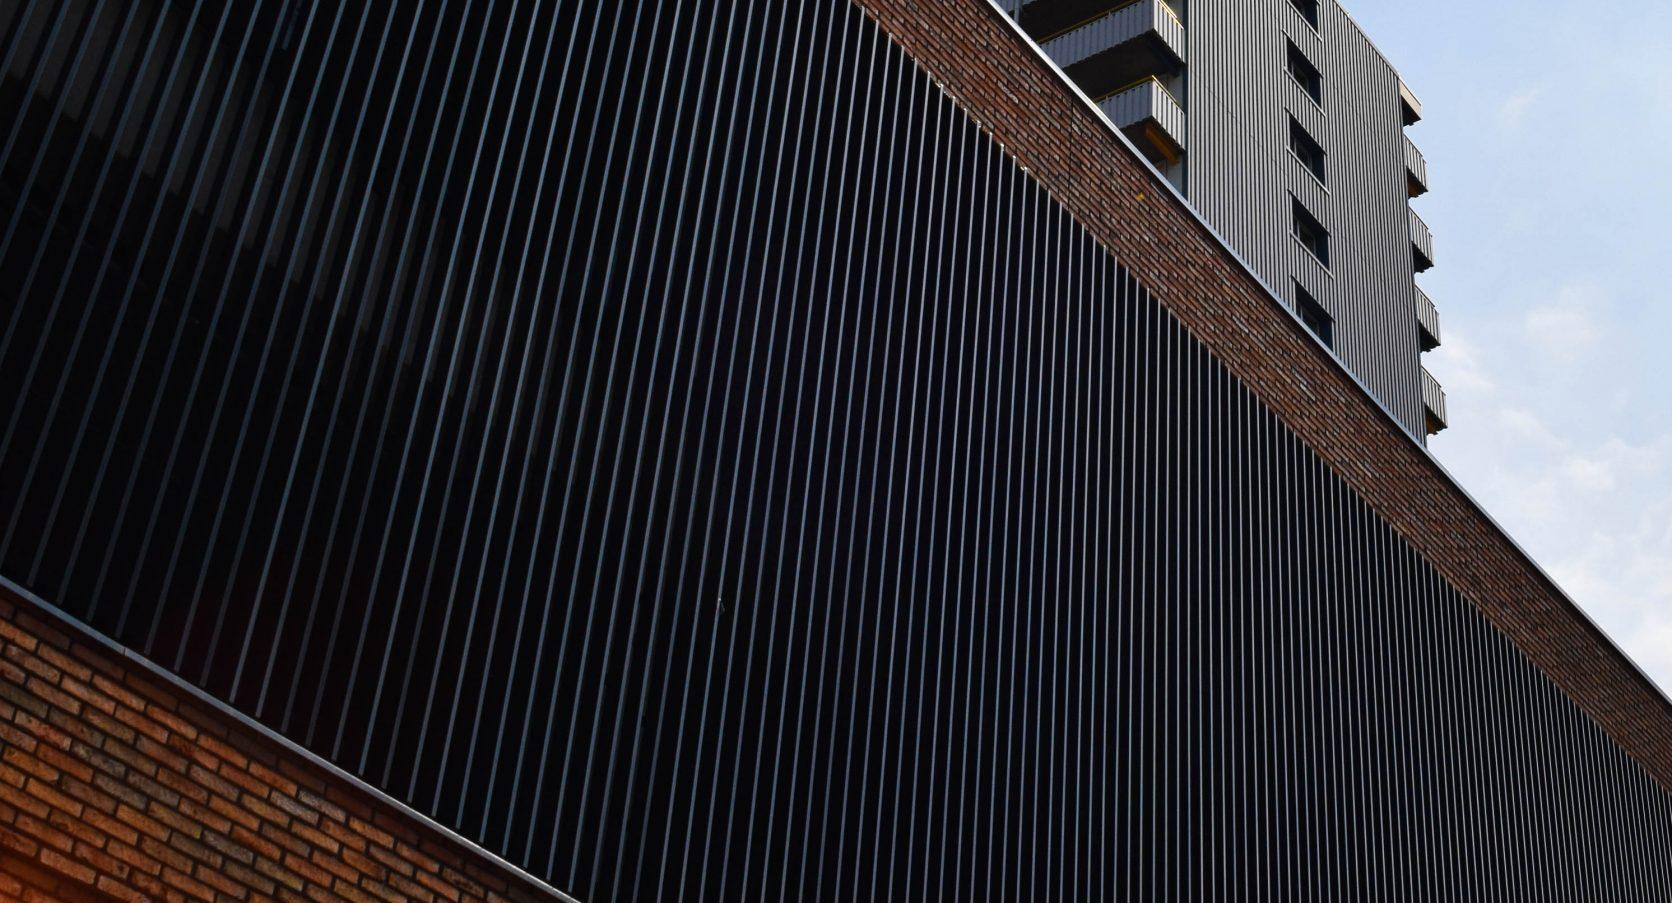 Gevel voorzien van aluminium lamellen bij het Winkelcentrum De Hoven in Delft